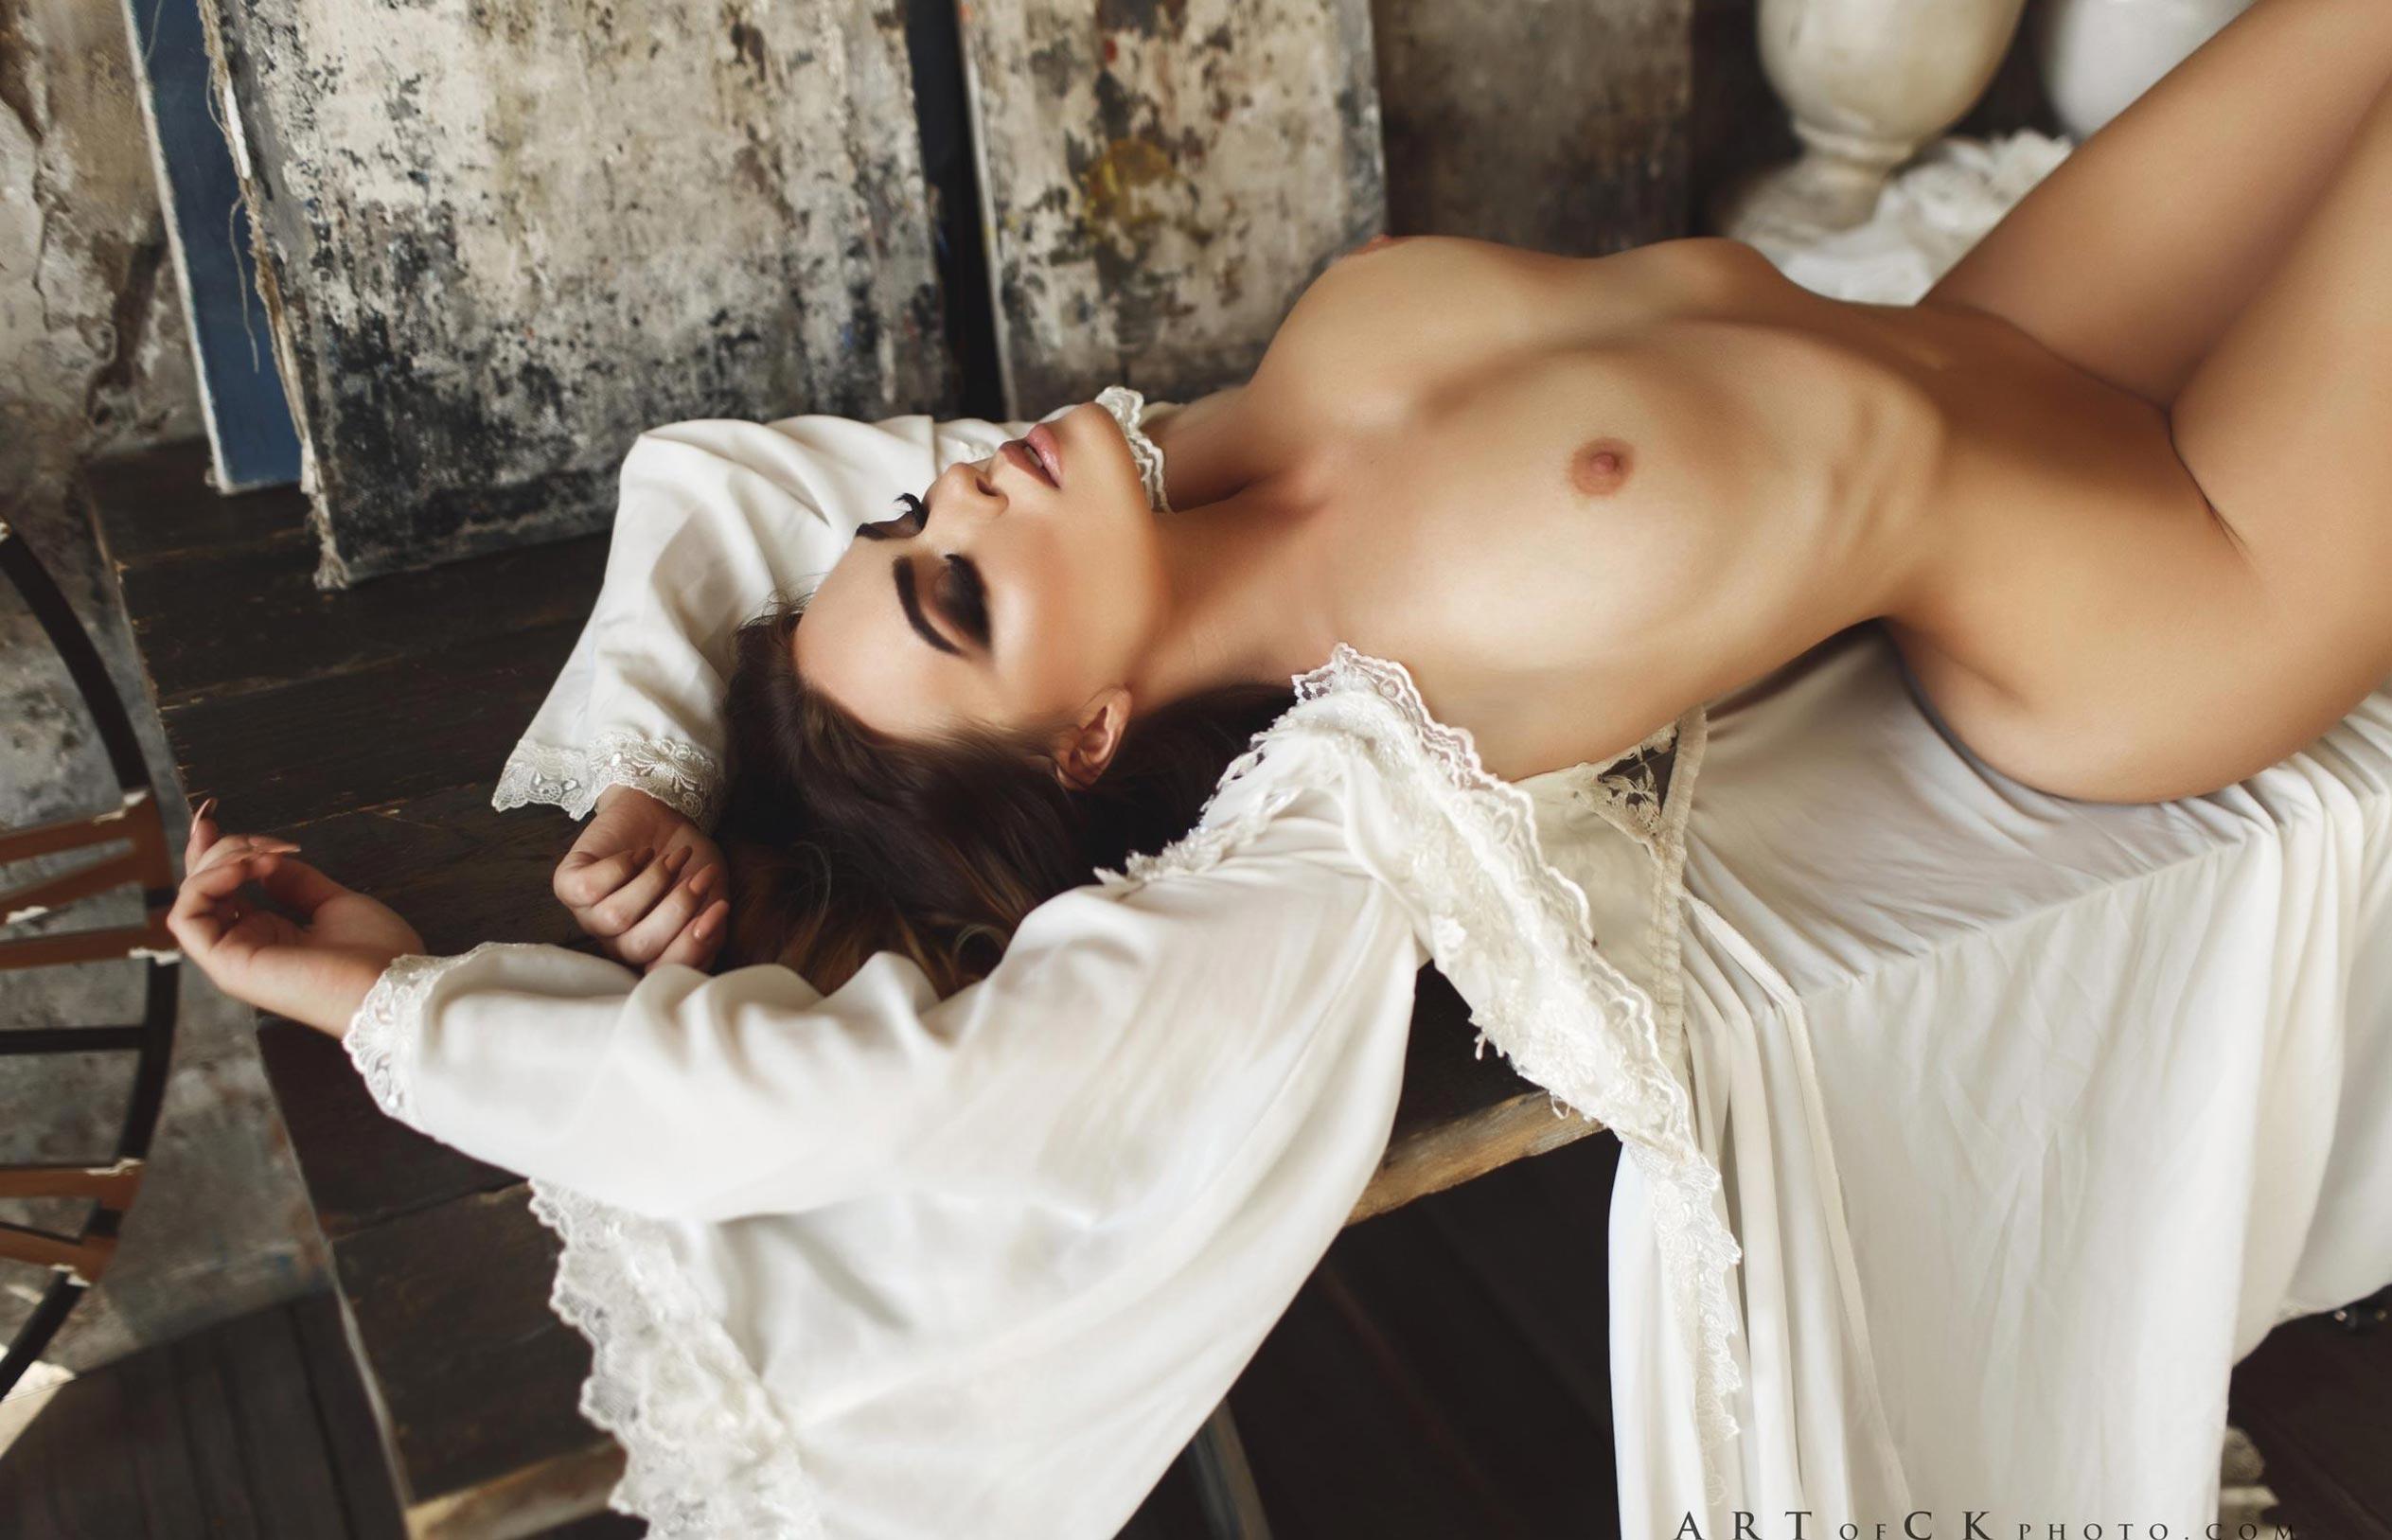 голая модель в винтажных интерьерах / сексуальная Эллина Мюллер / фото 14